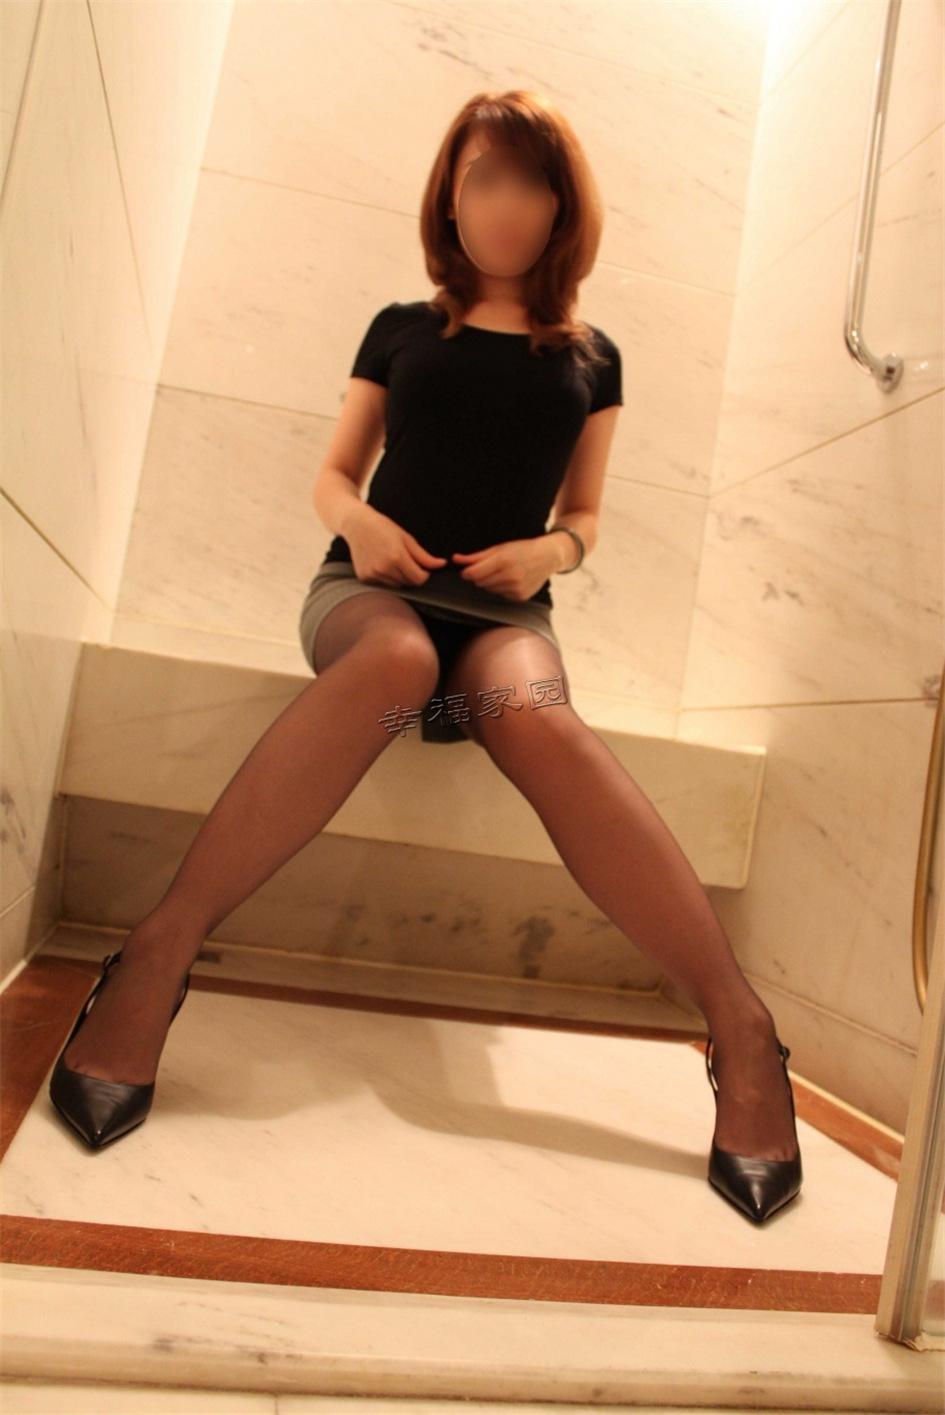 性感少妇私房黑丝诱惑匿名写真图片(图28)